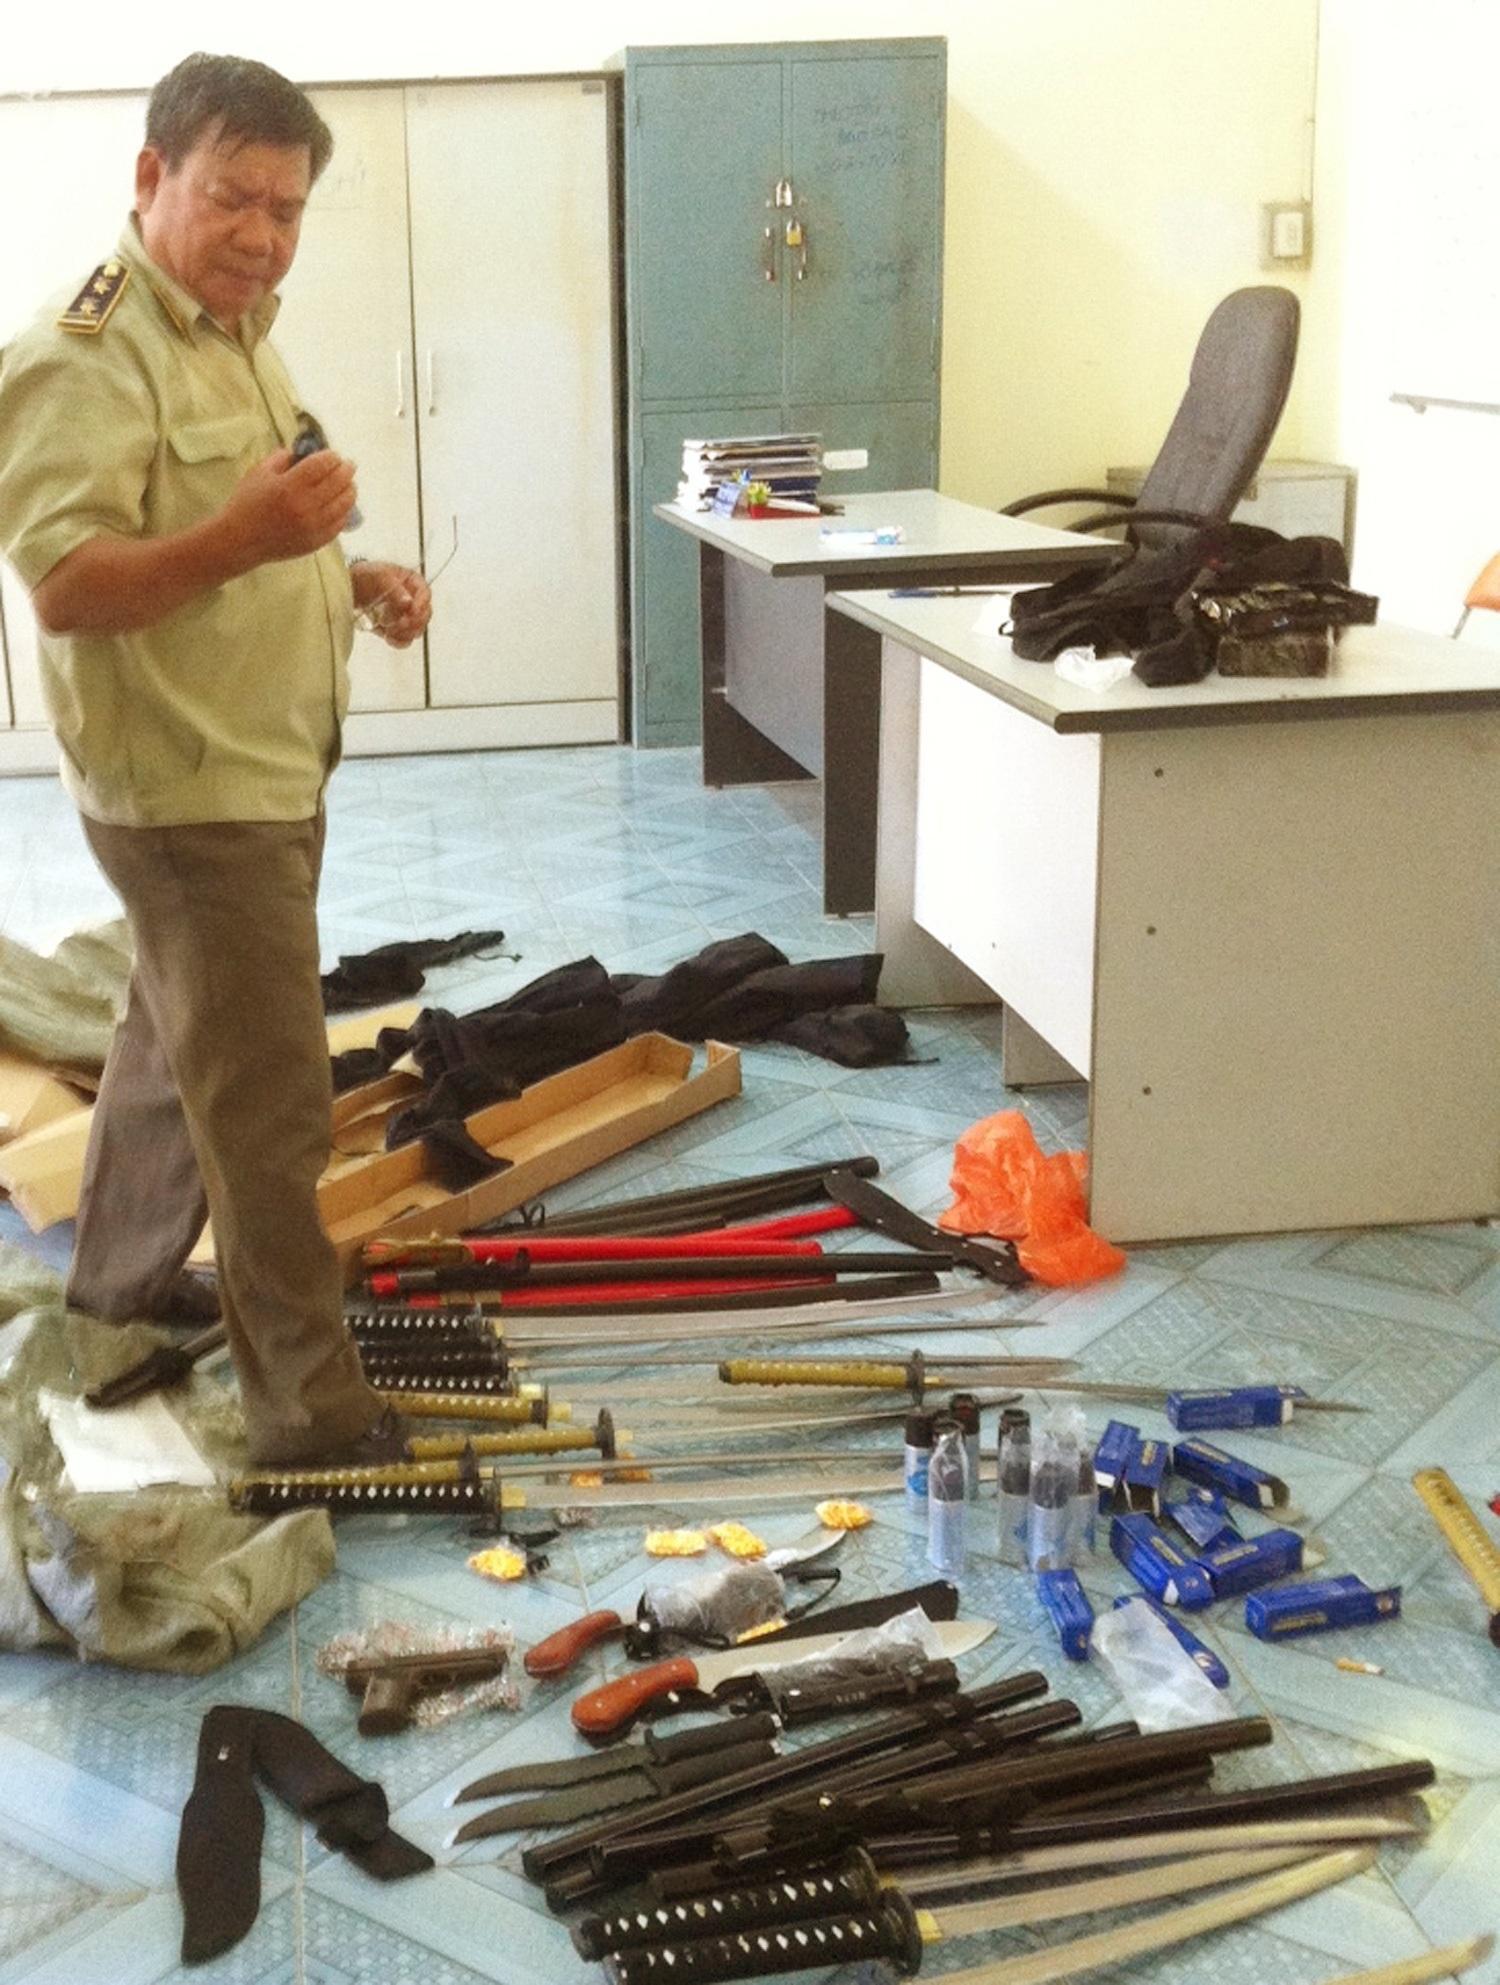 Số vũ khí gồm súng, dao kiếm được được cơ quan chức năng tạm giữ